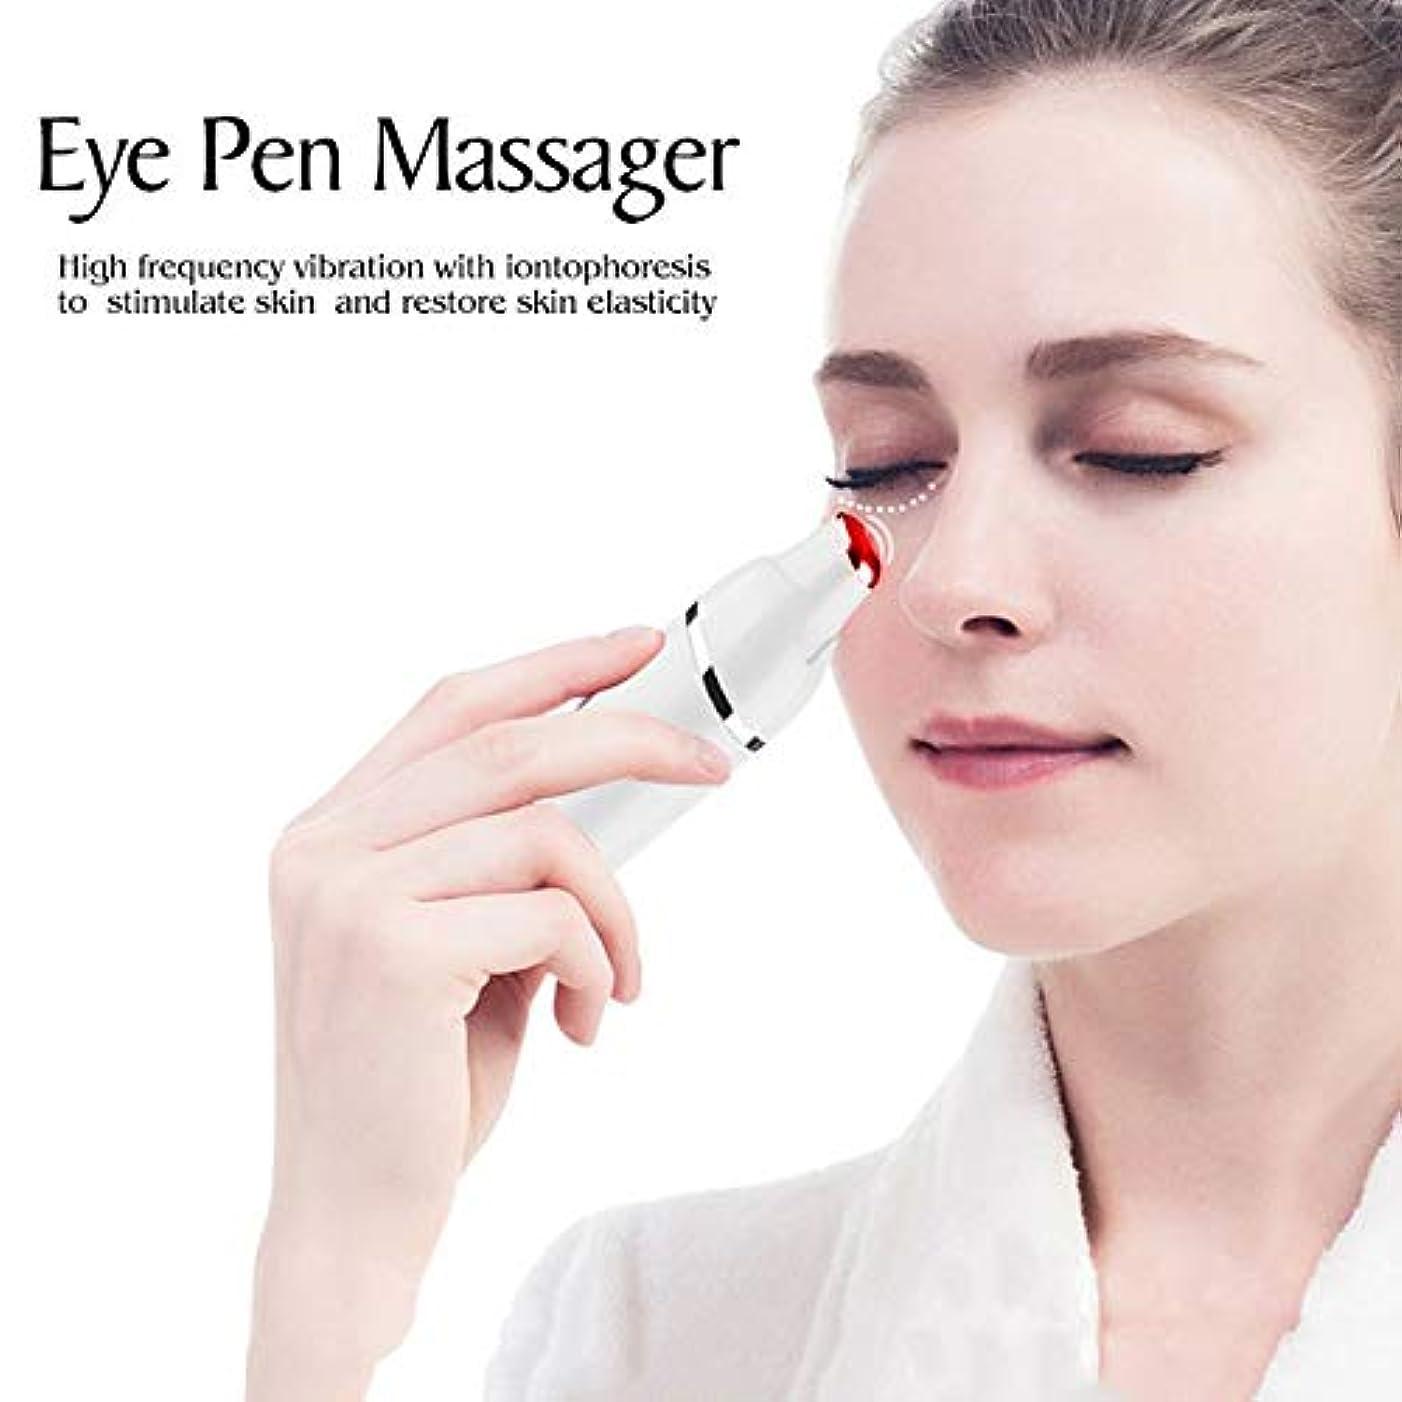 構想する略語わかりやすいソニックアイマッサージャー、目の疲れのための42℃加熱治療用ワンド、アイクリームを効果的に促進するためのアニオンの輸入